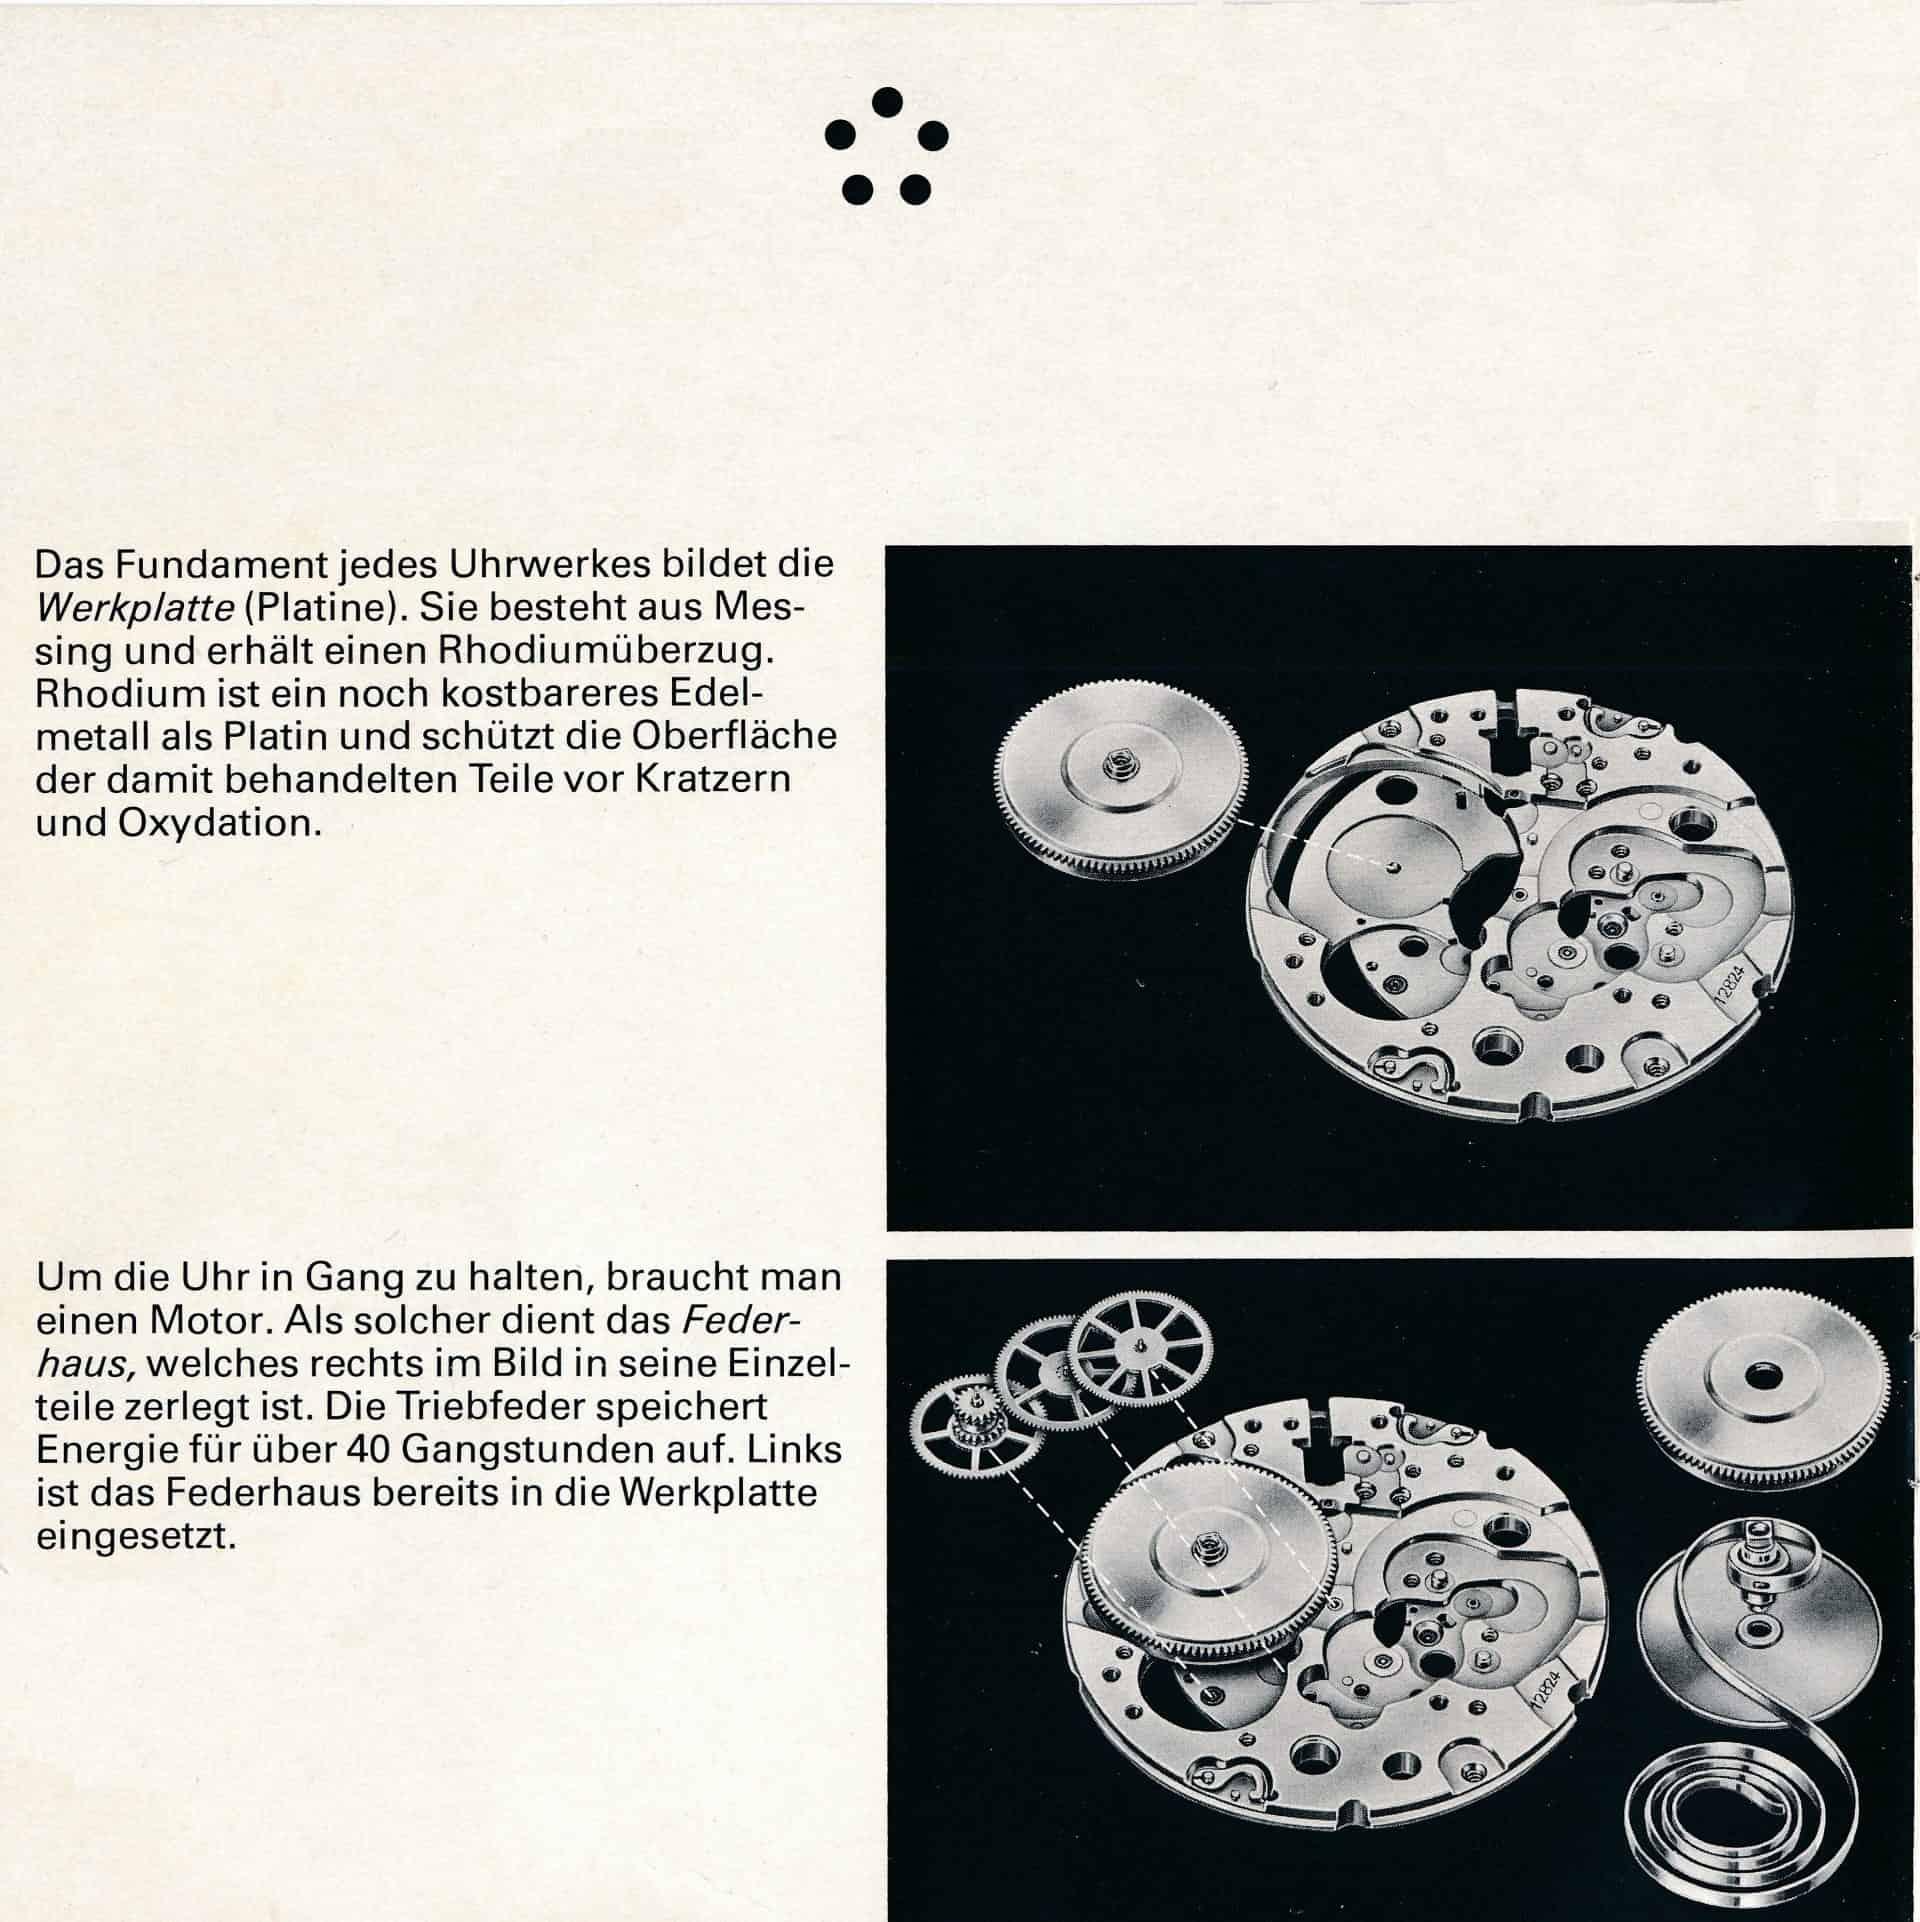 Funktionsweise einer Uhr - am Beispiel der Eterna-Matic